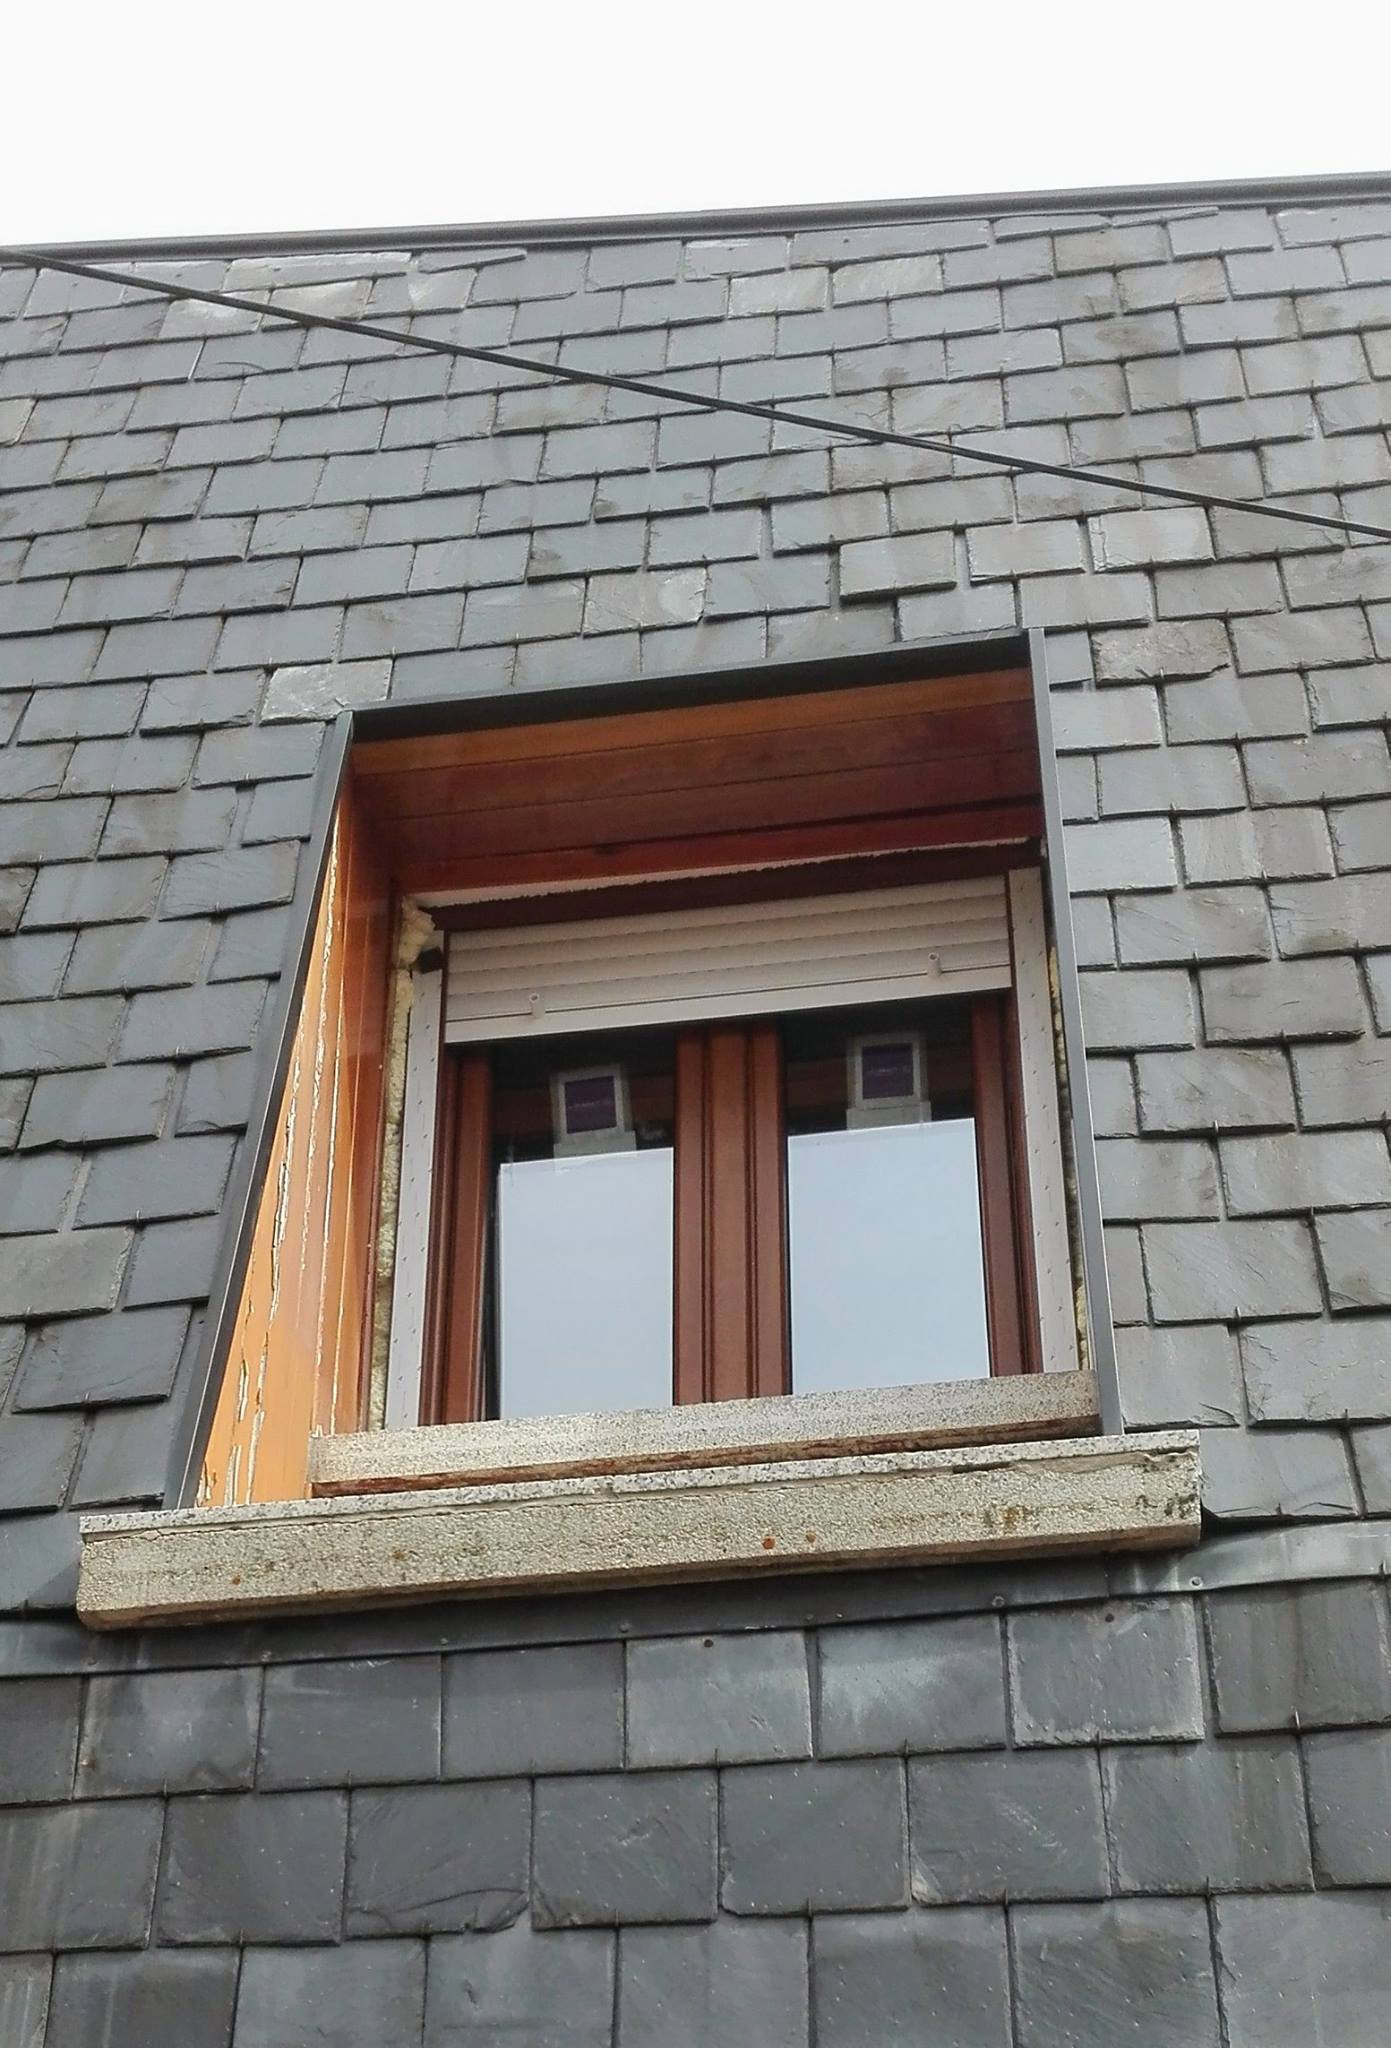 Instalaci n de ventanas de pvc imitaci n madera ventanas san miguel - Ventanas pvc imitacion madera ...